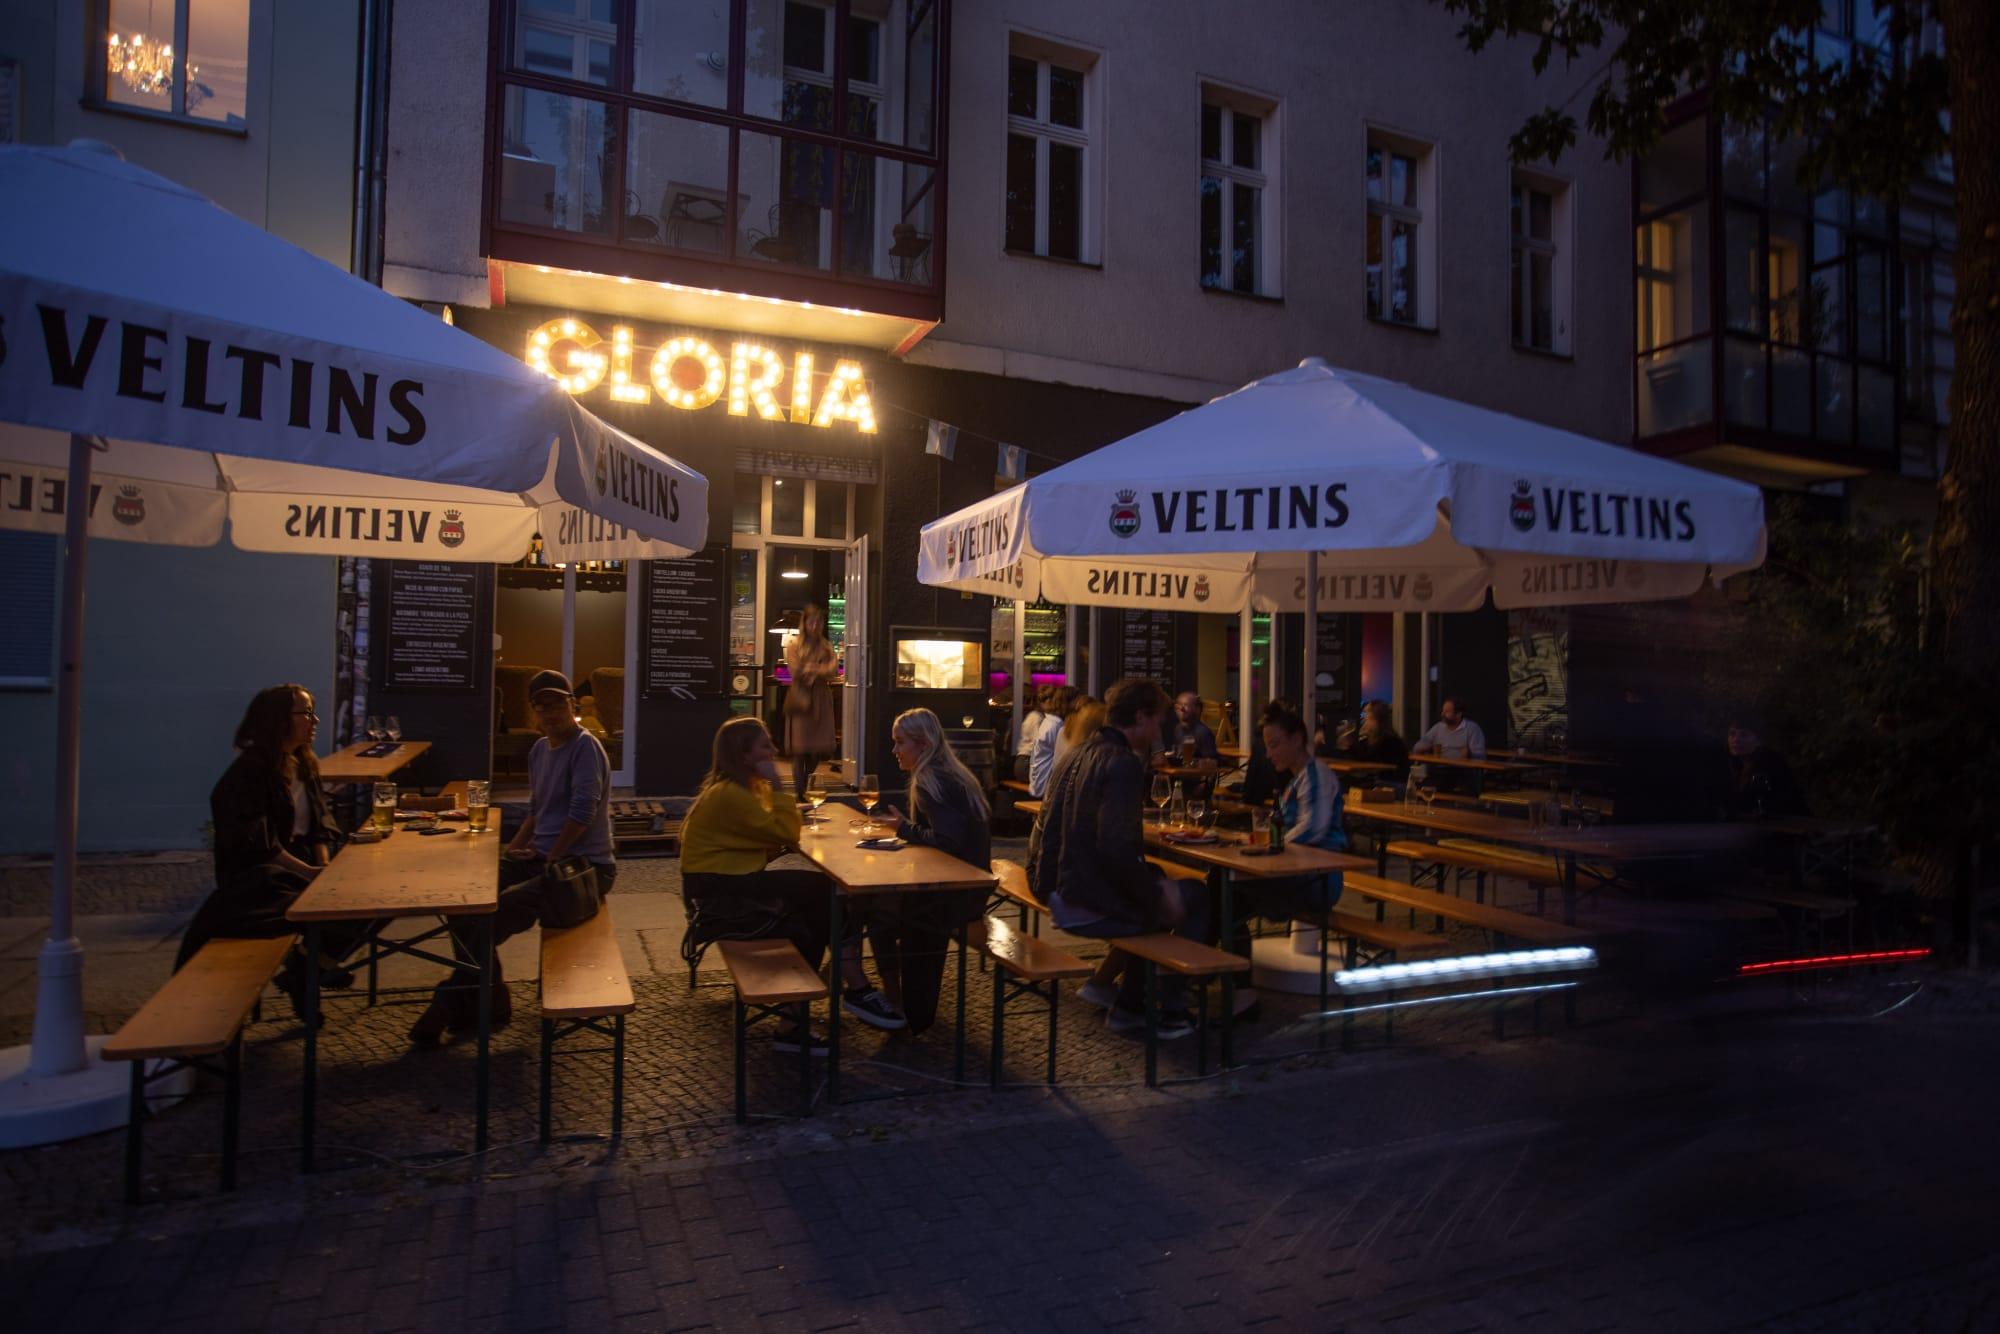 Gloria empanadas - Kreuzberg Lado B erlin.